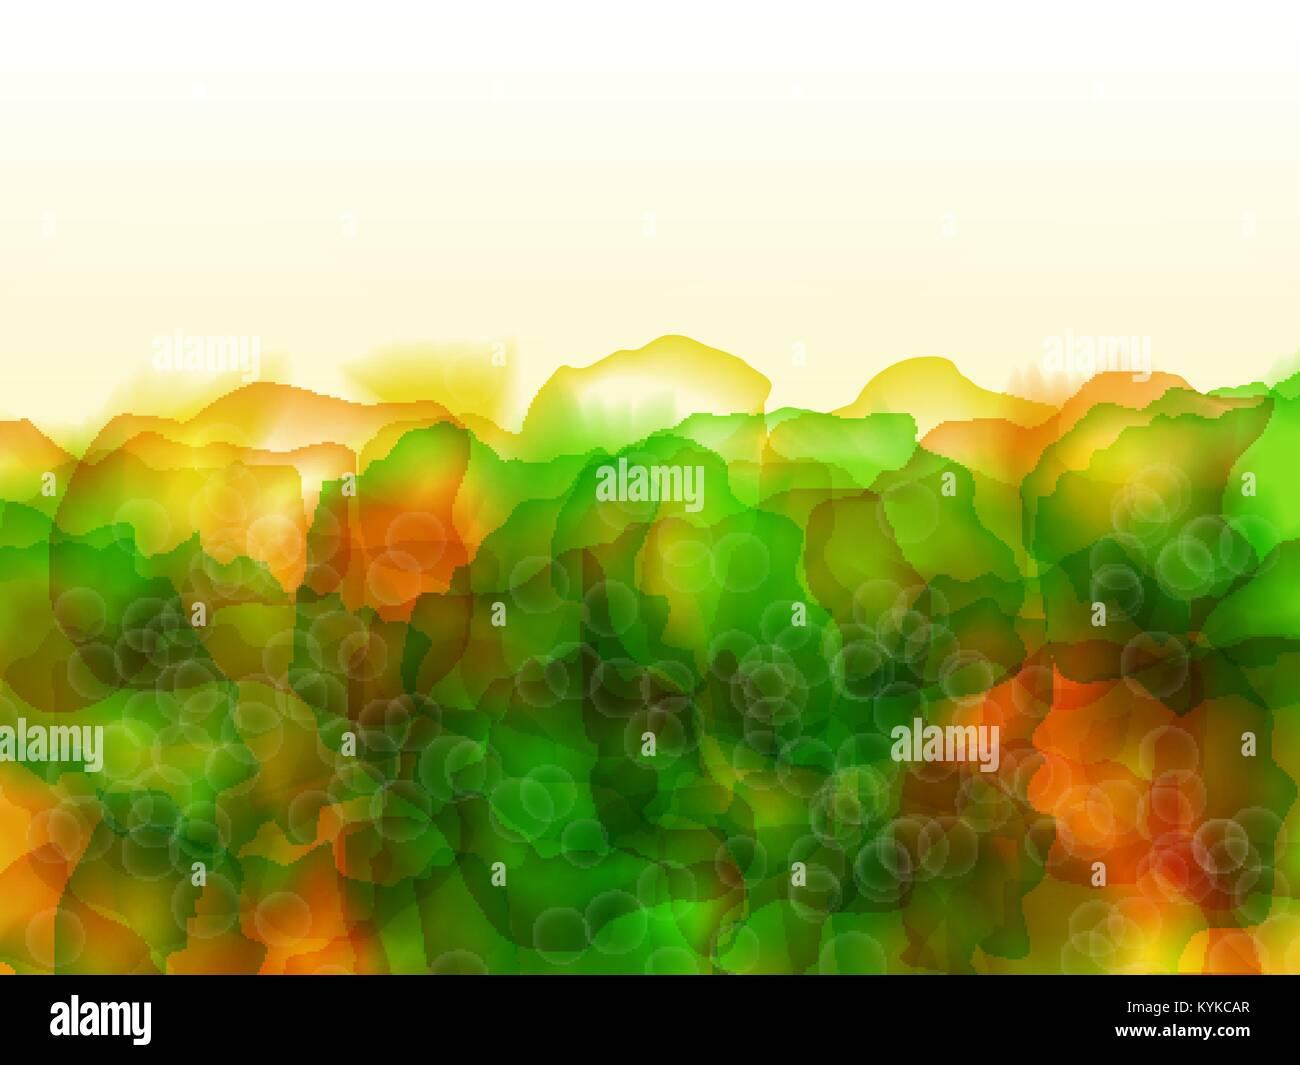 Vettore Di Colore Brillante Acquerello Sfondo Verde E Arancione